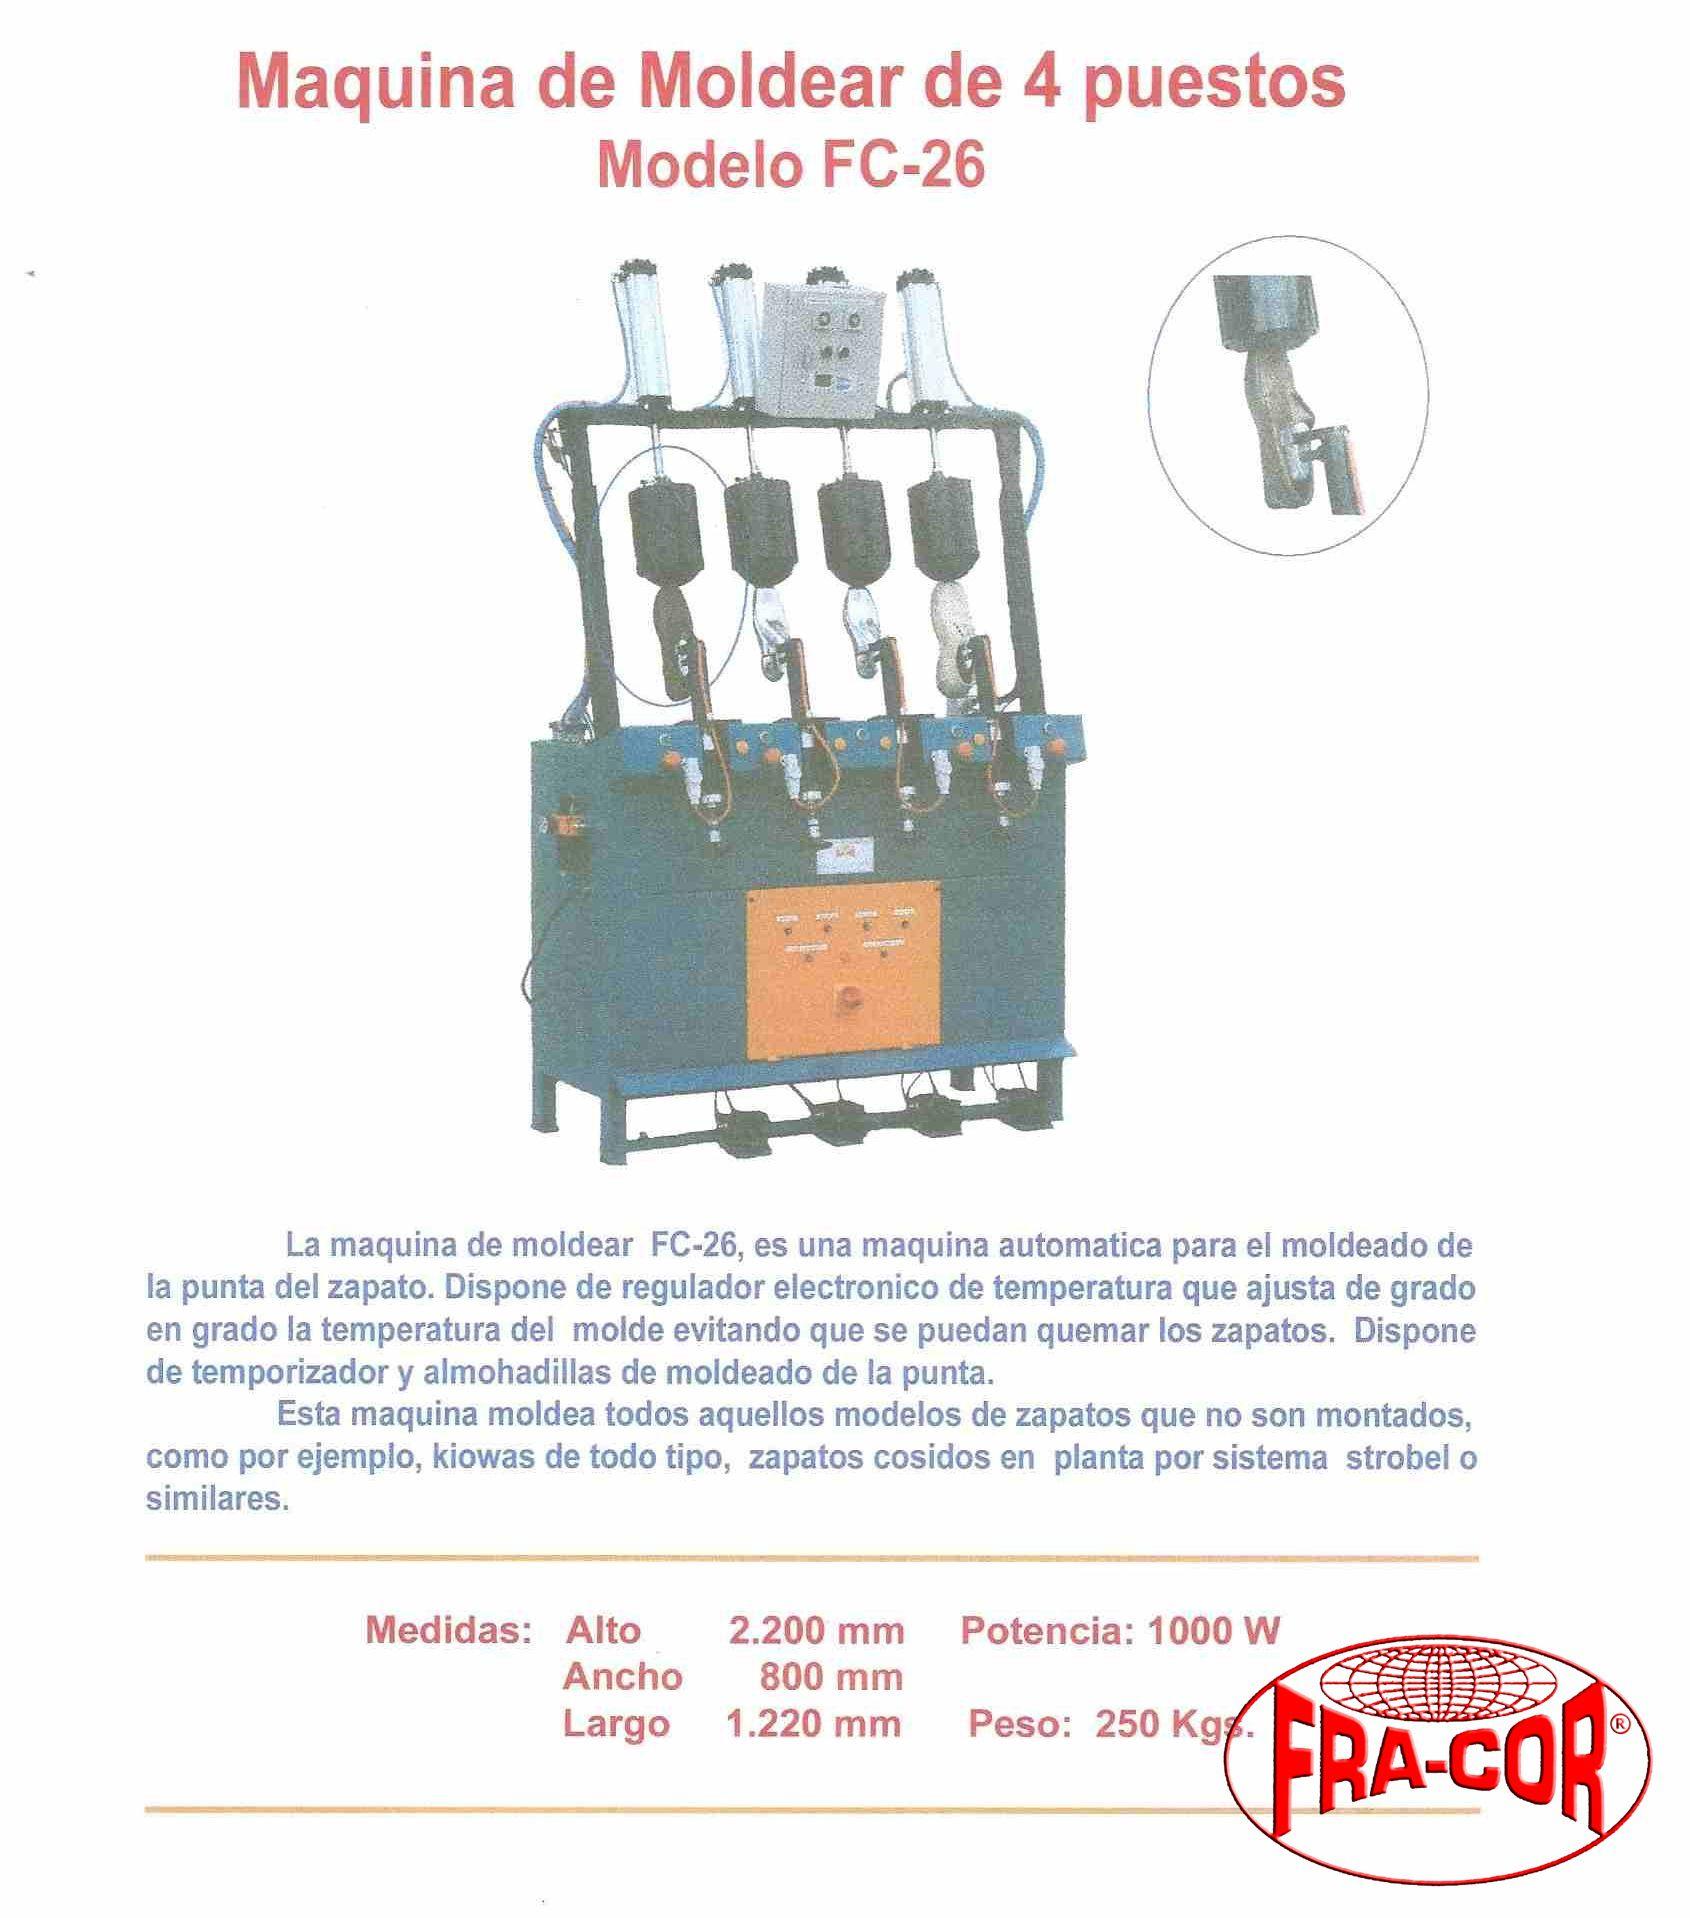 Moldear 4 puestos FC-26